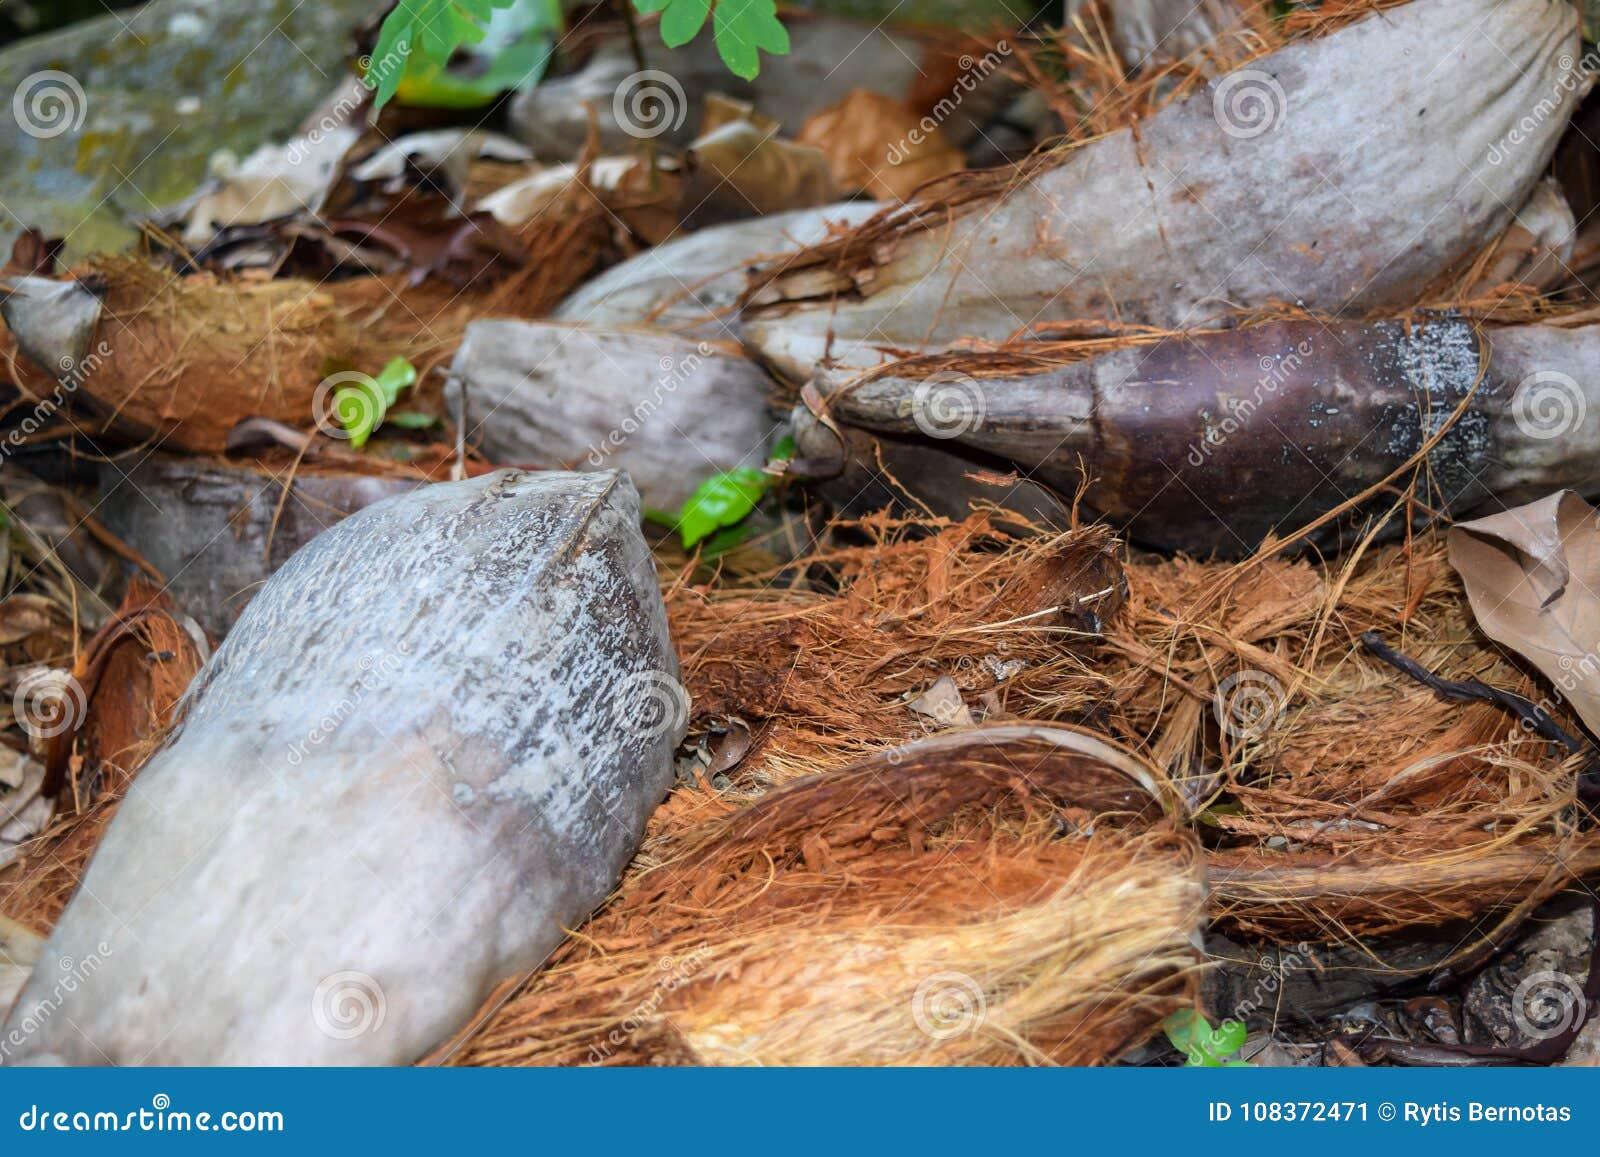 Περικοπή επάνω στην καρύδα Shell στο έδαφος